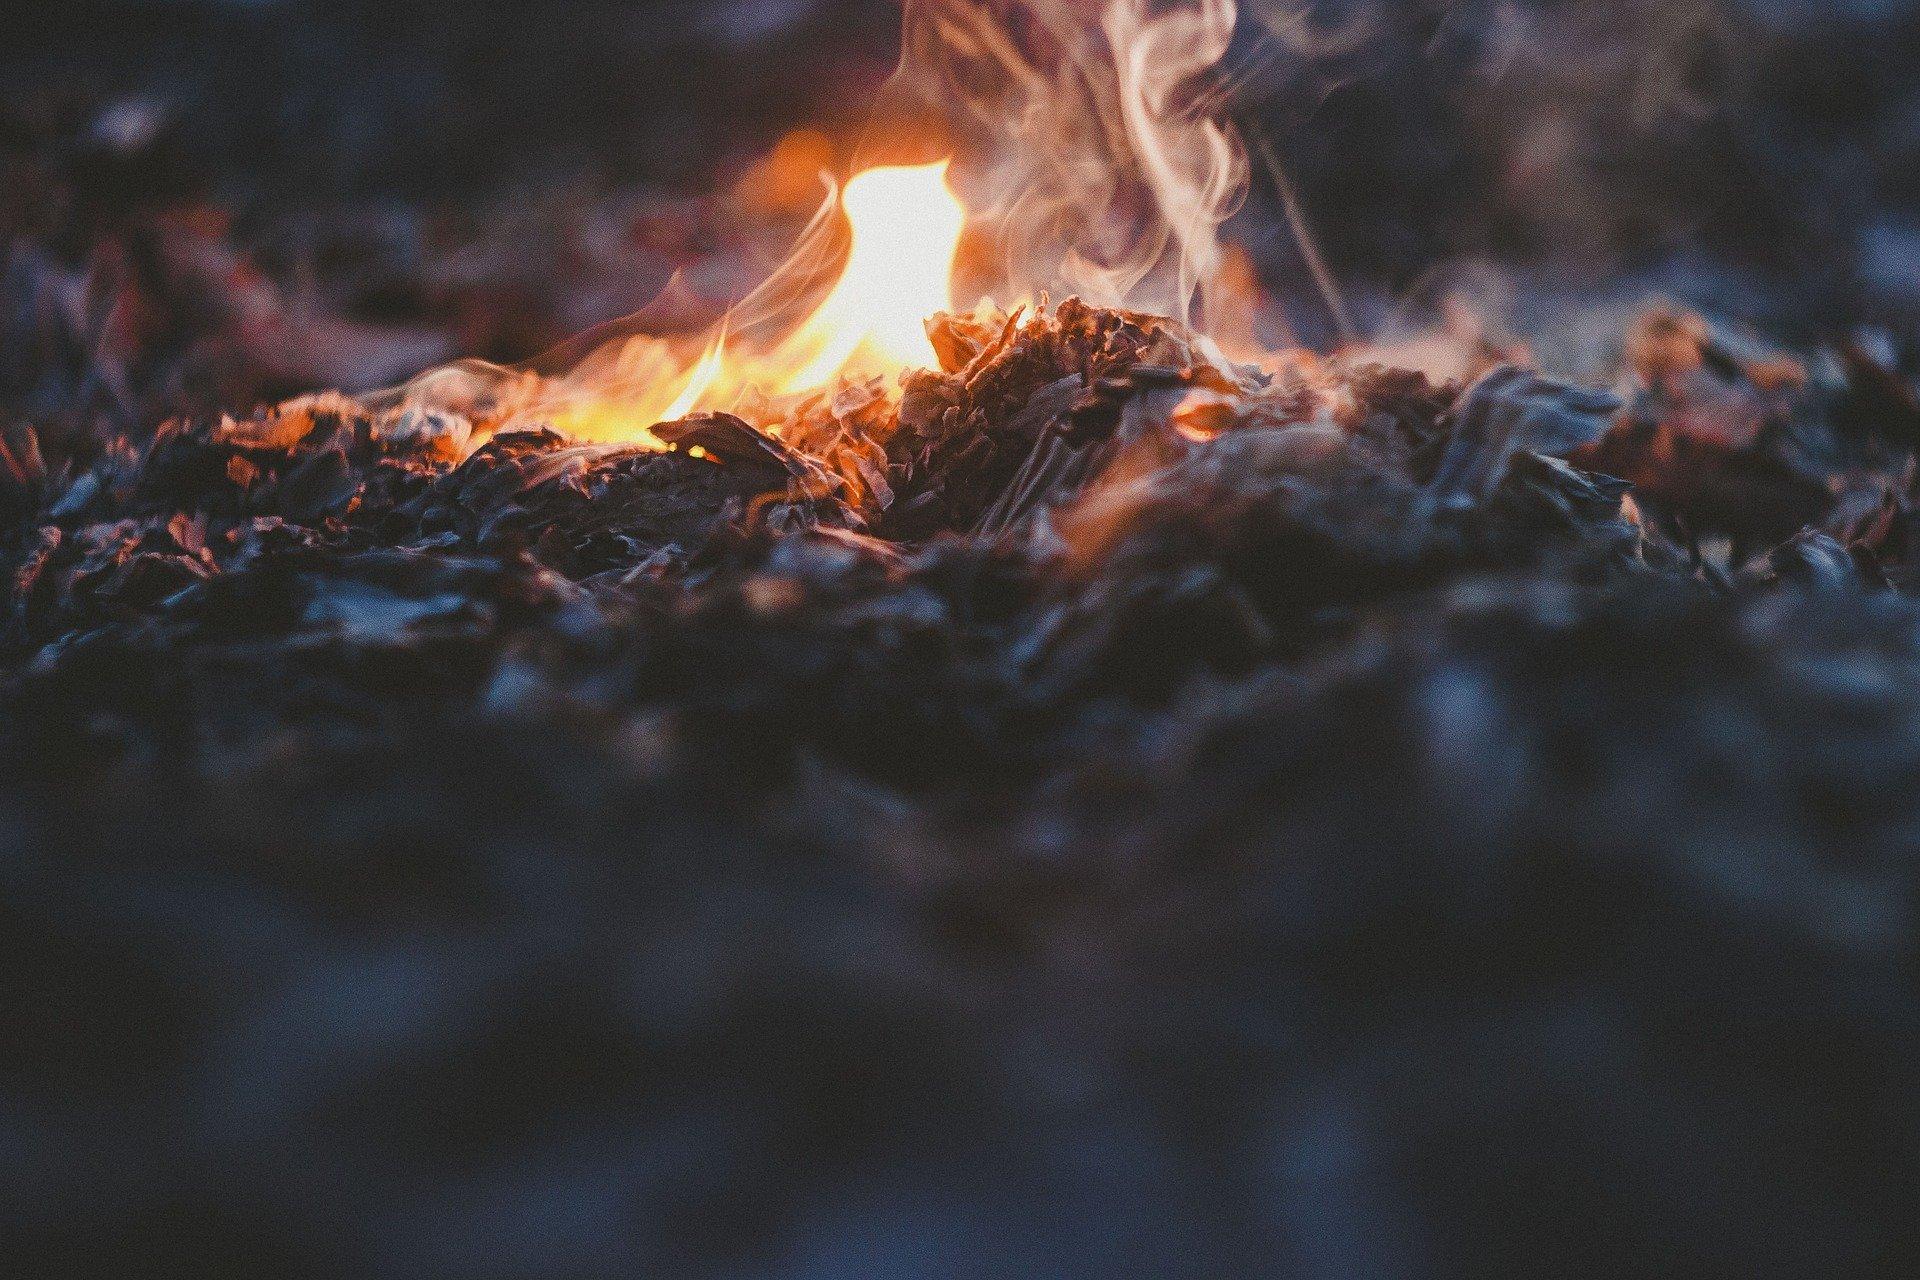 fire-2573586_1920